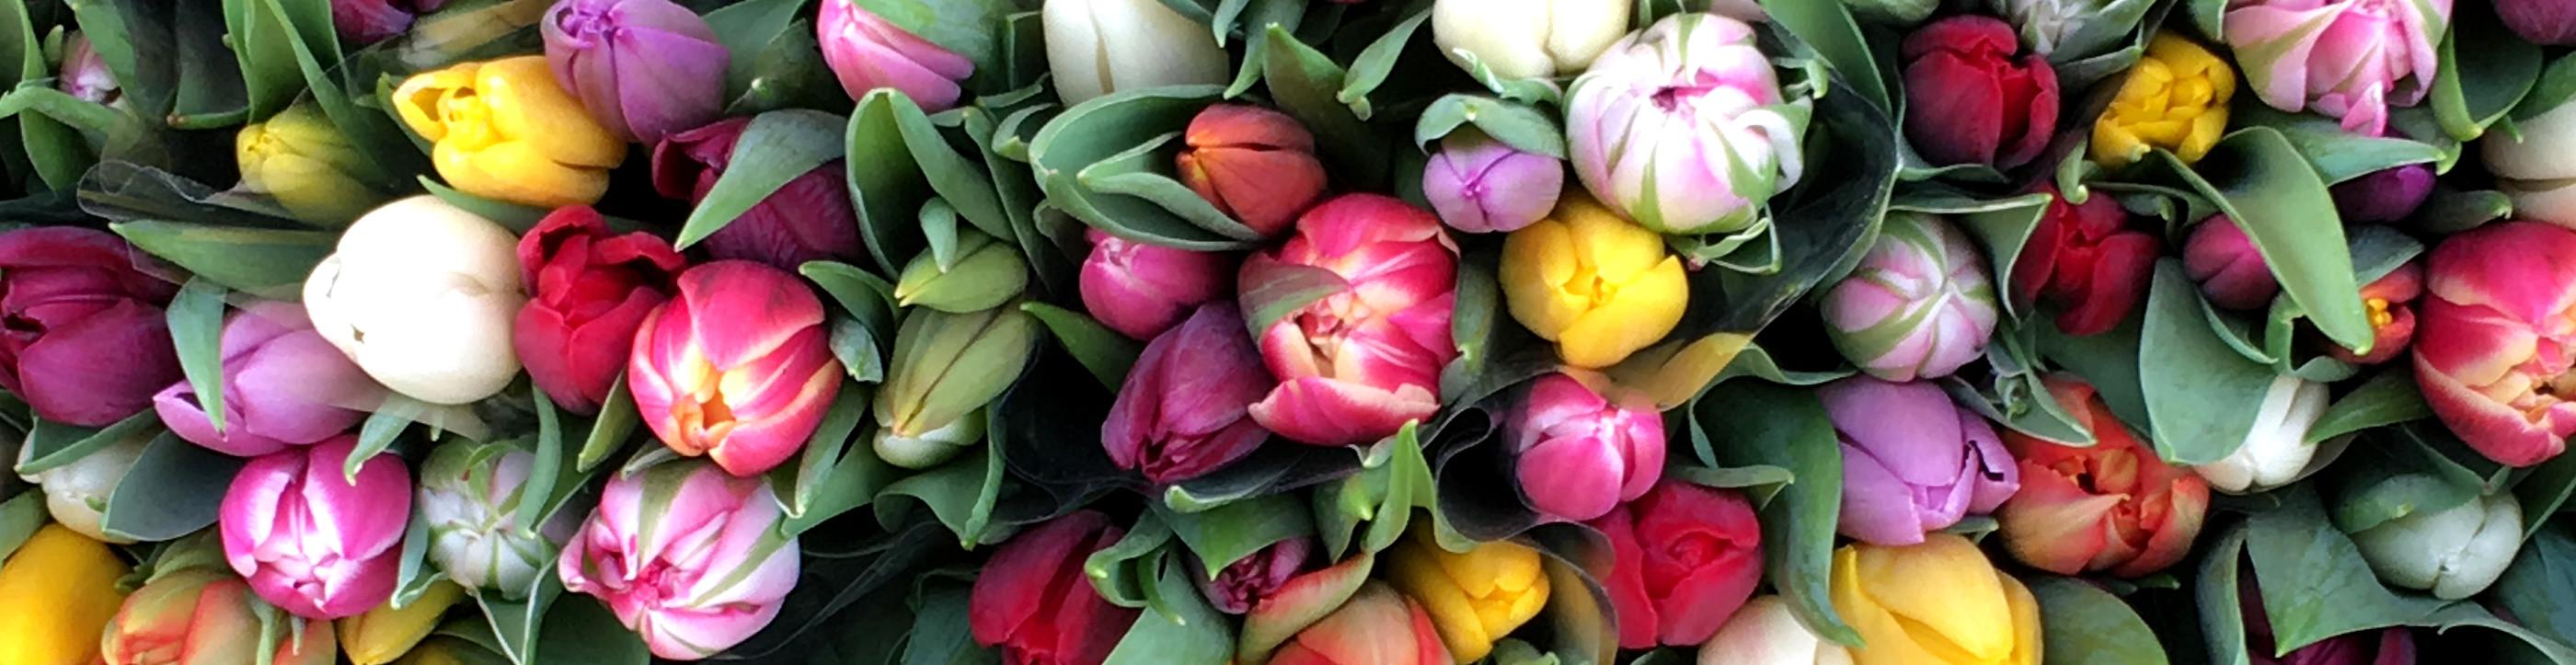 Tulpen auf dem Markt von Deventer